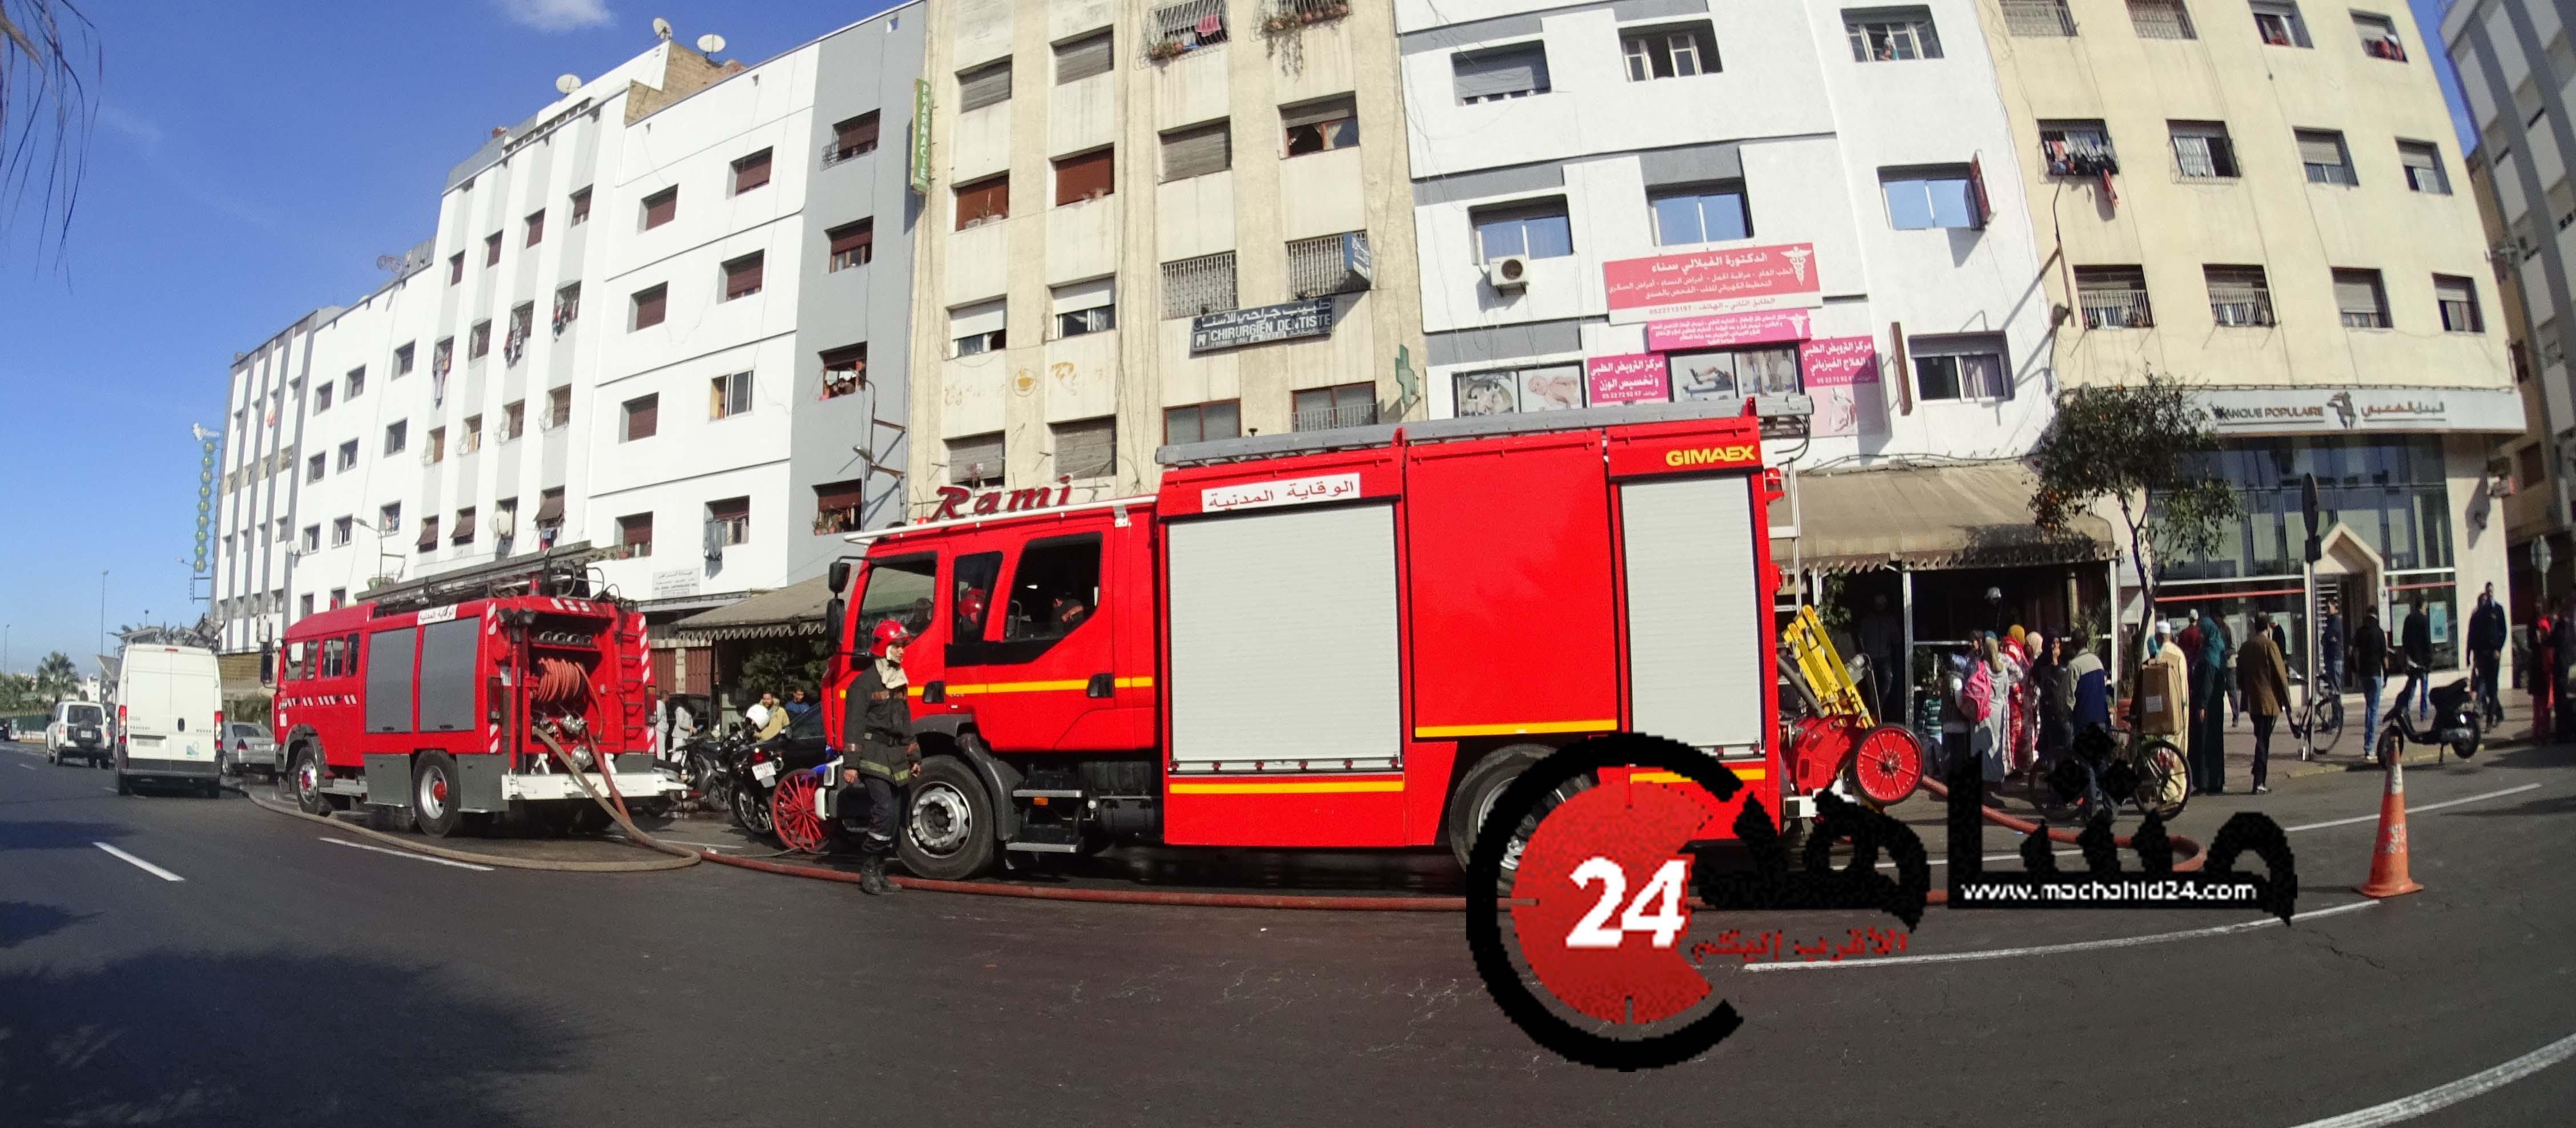 بالصور..حريق يتسبب في خسائر مادية كبيرة بالبيضاء